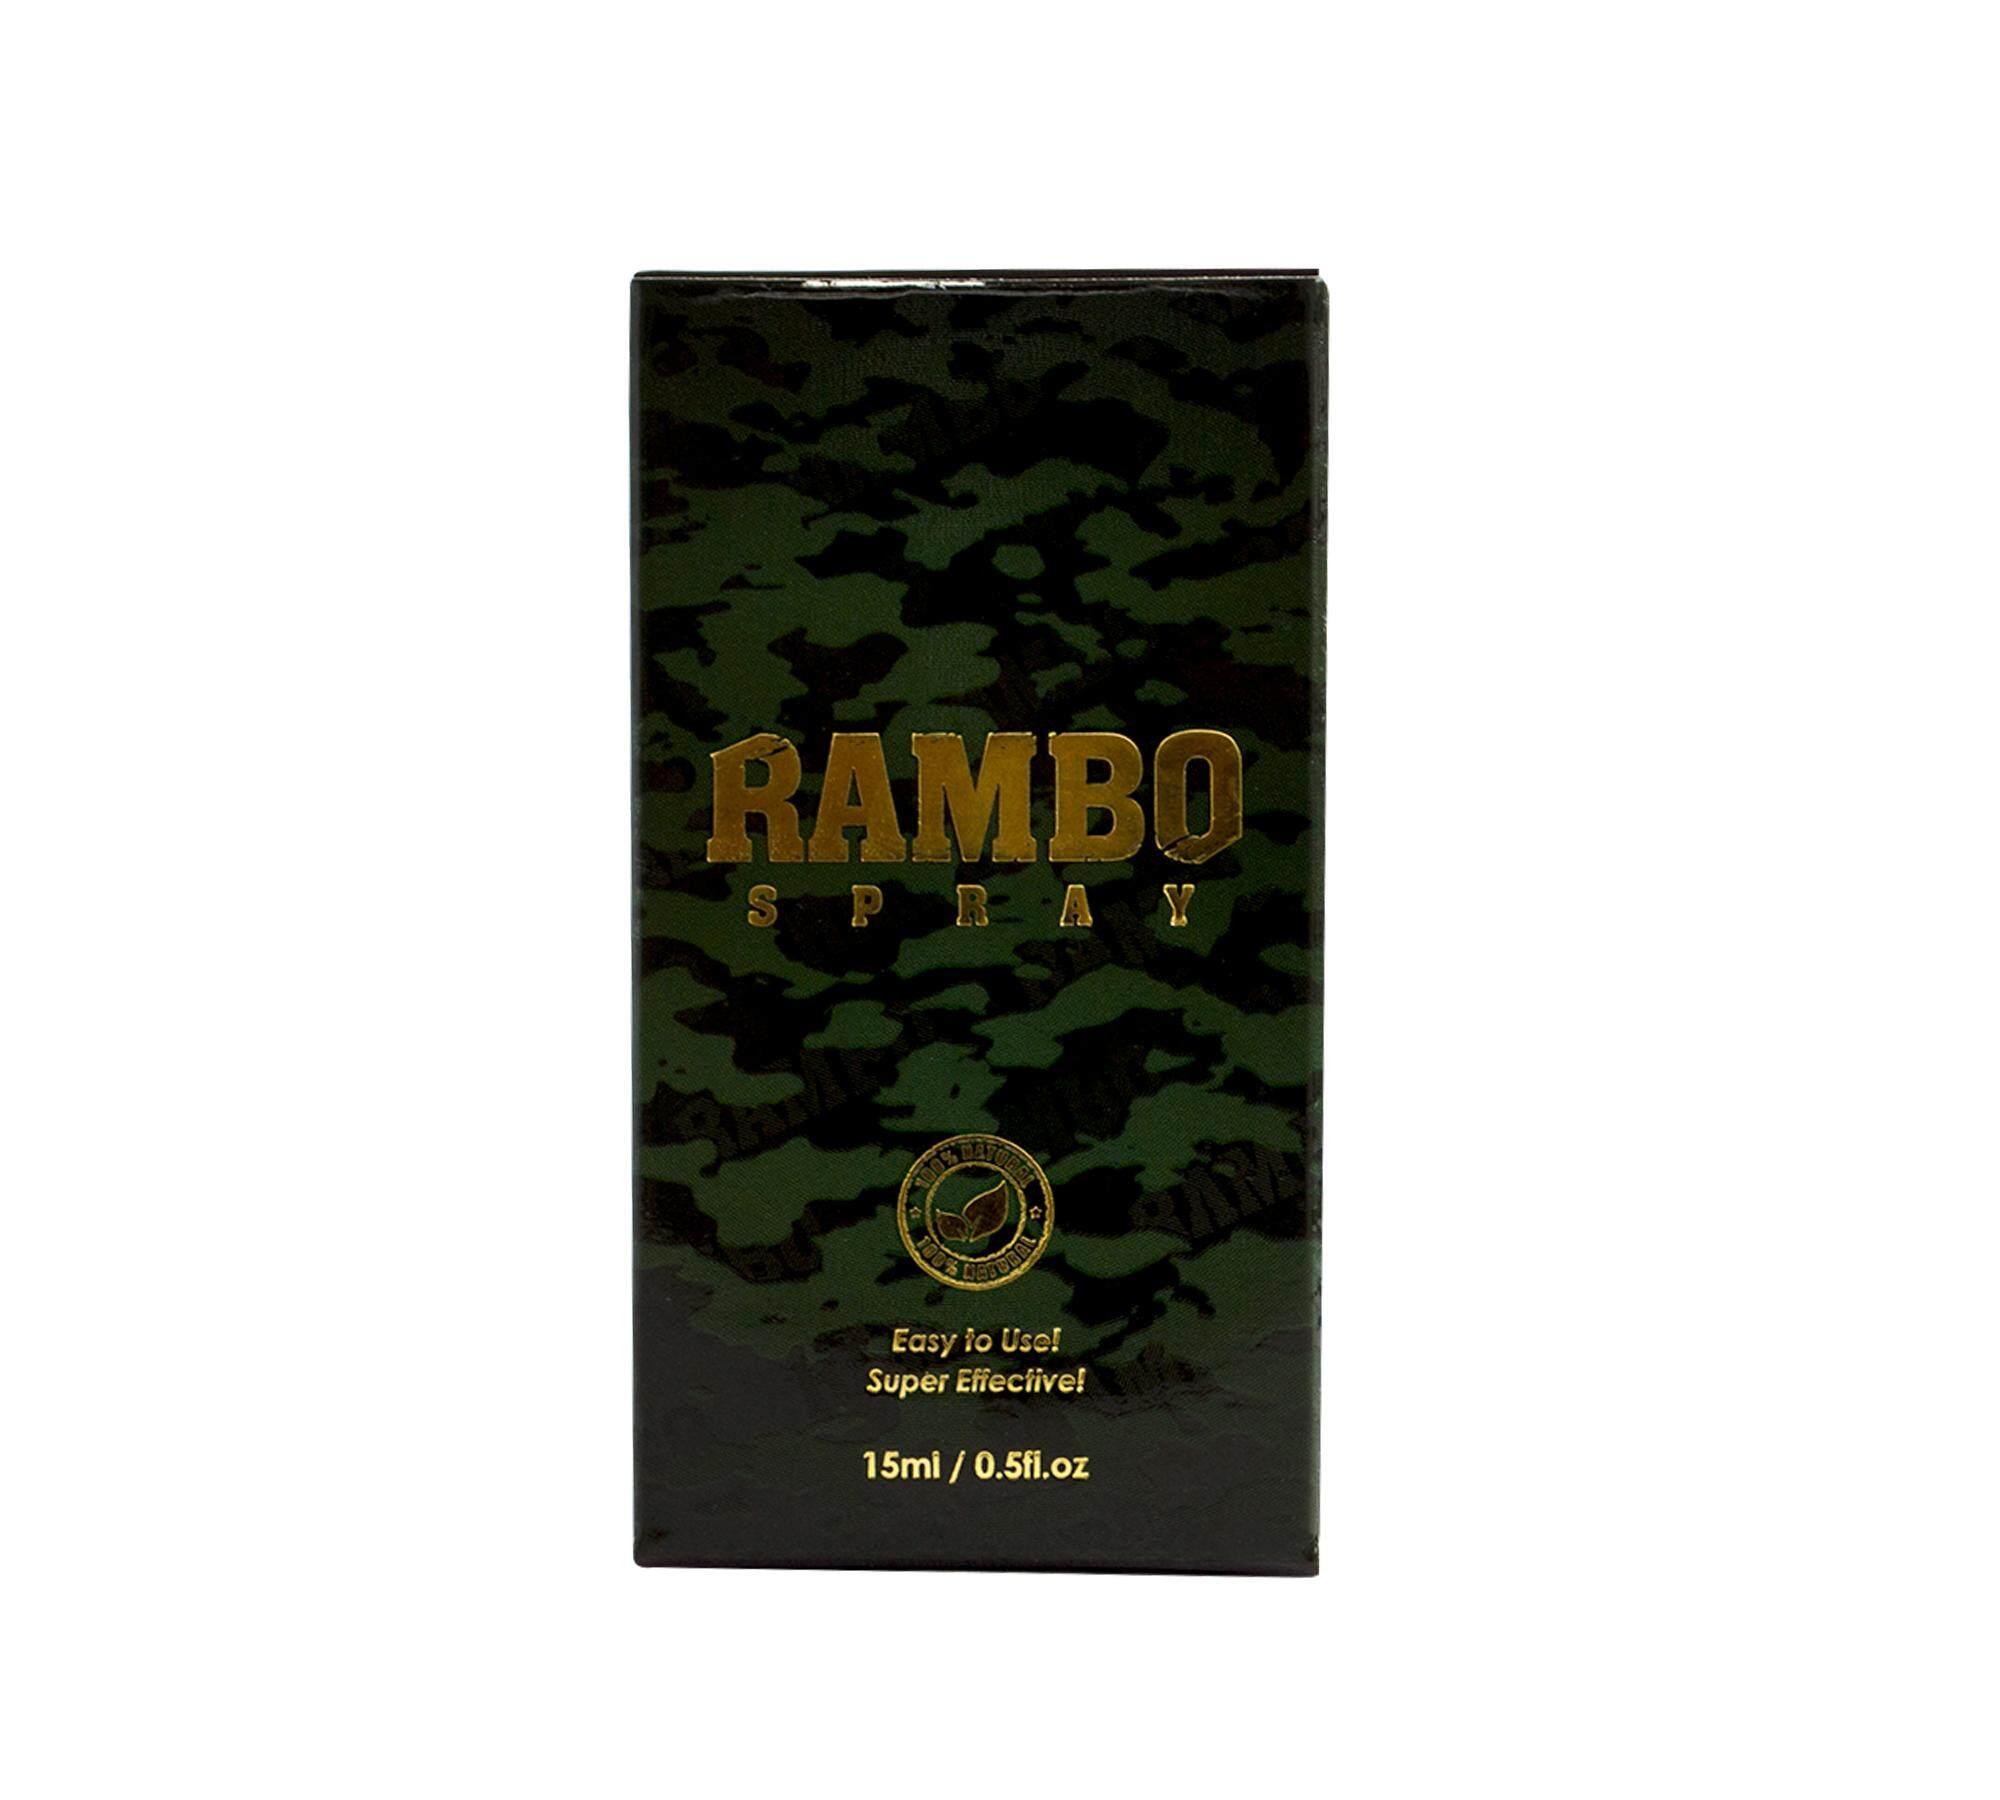 ORIGINAL RAMBO